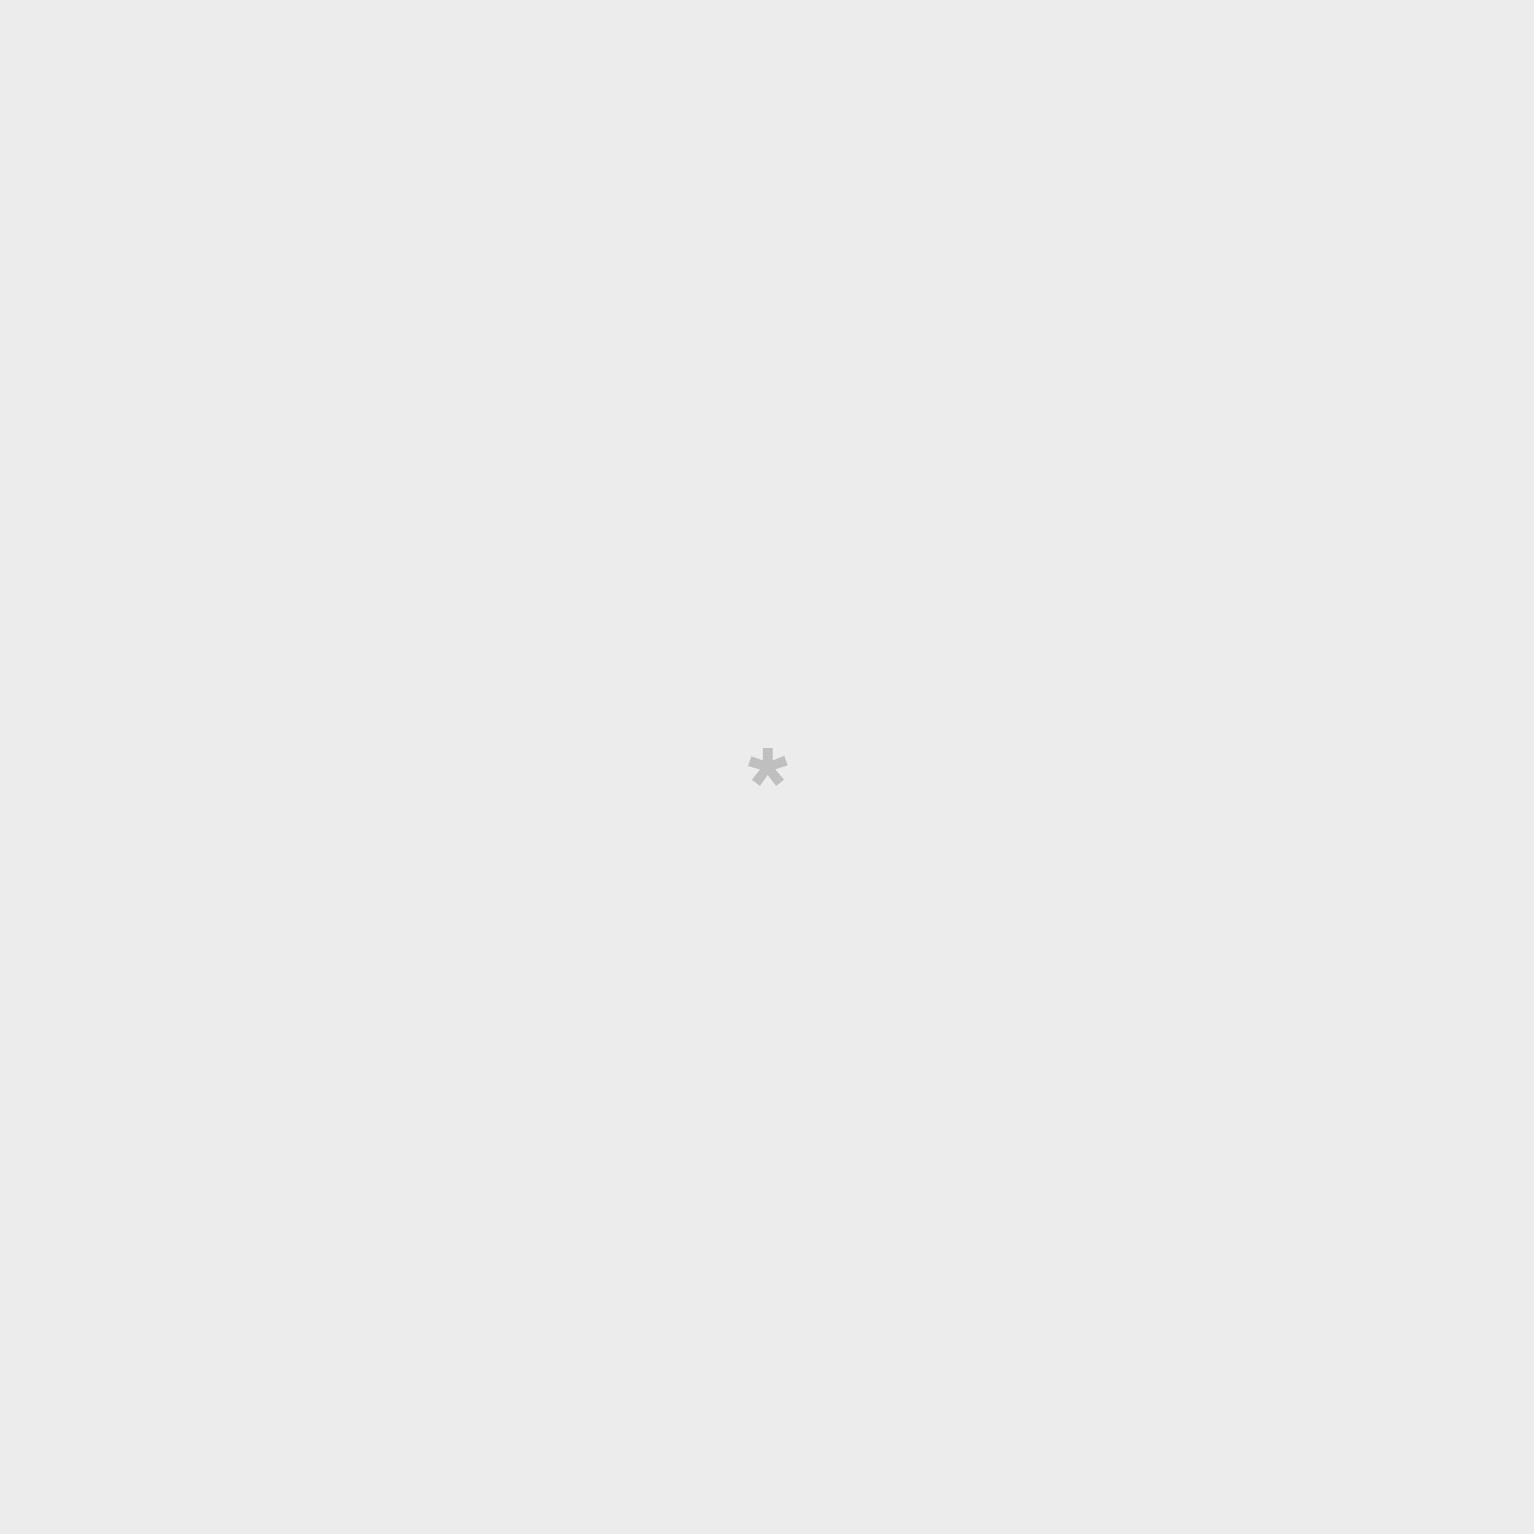 Set de 20 invitaciones personalizables para bautizo - Azul